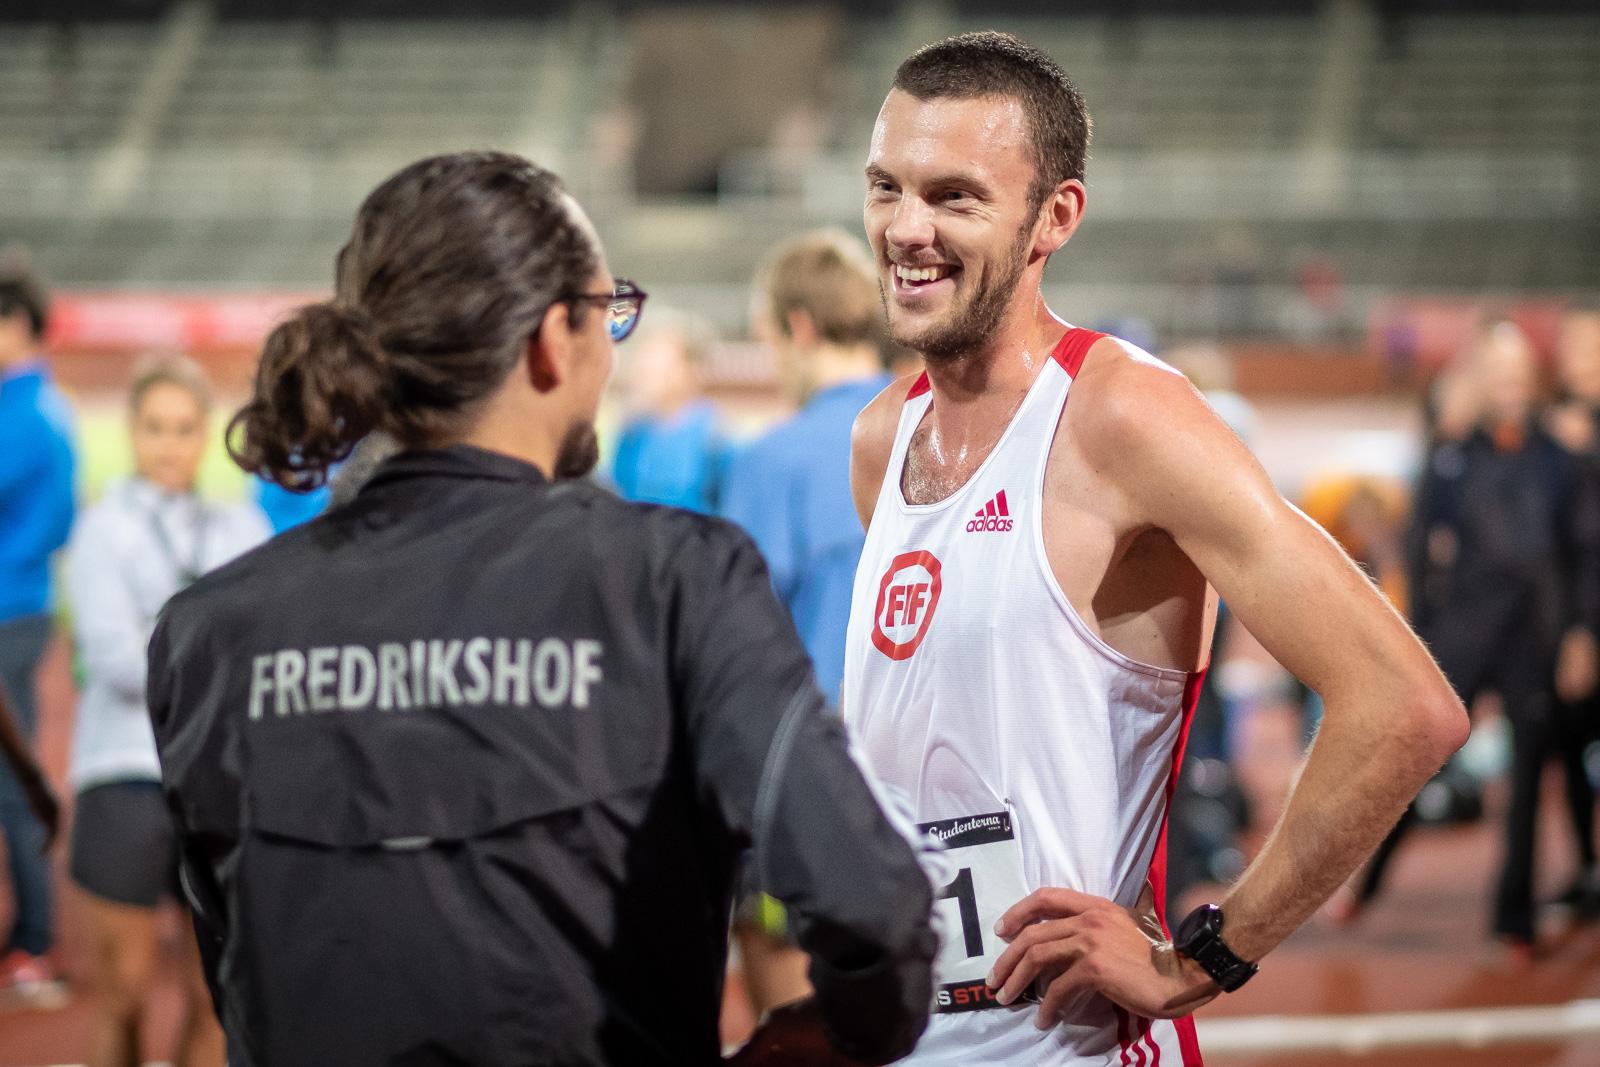 På fredag startar friidrotts SM i Karlstad och för första gången på flera år har Fredriskhof en löpare med på startlinjen. Kristofer Låås, som redan presenterat sig stort för löparsverige med sitt otroliga lopp på Stockholm Marathon i våras, debuterar. Så här går tankarna inför startskottet.